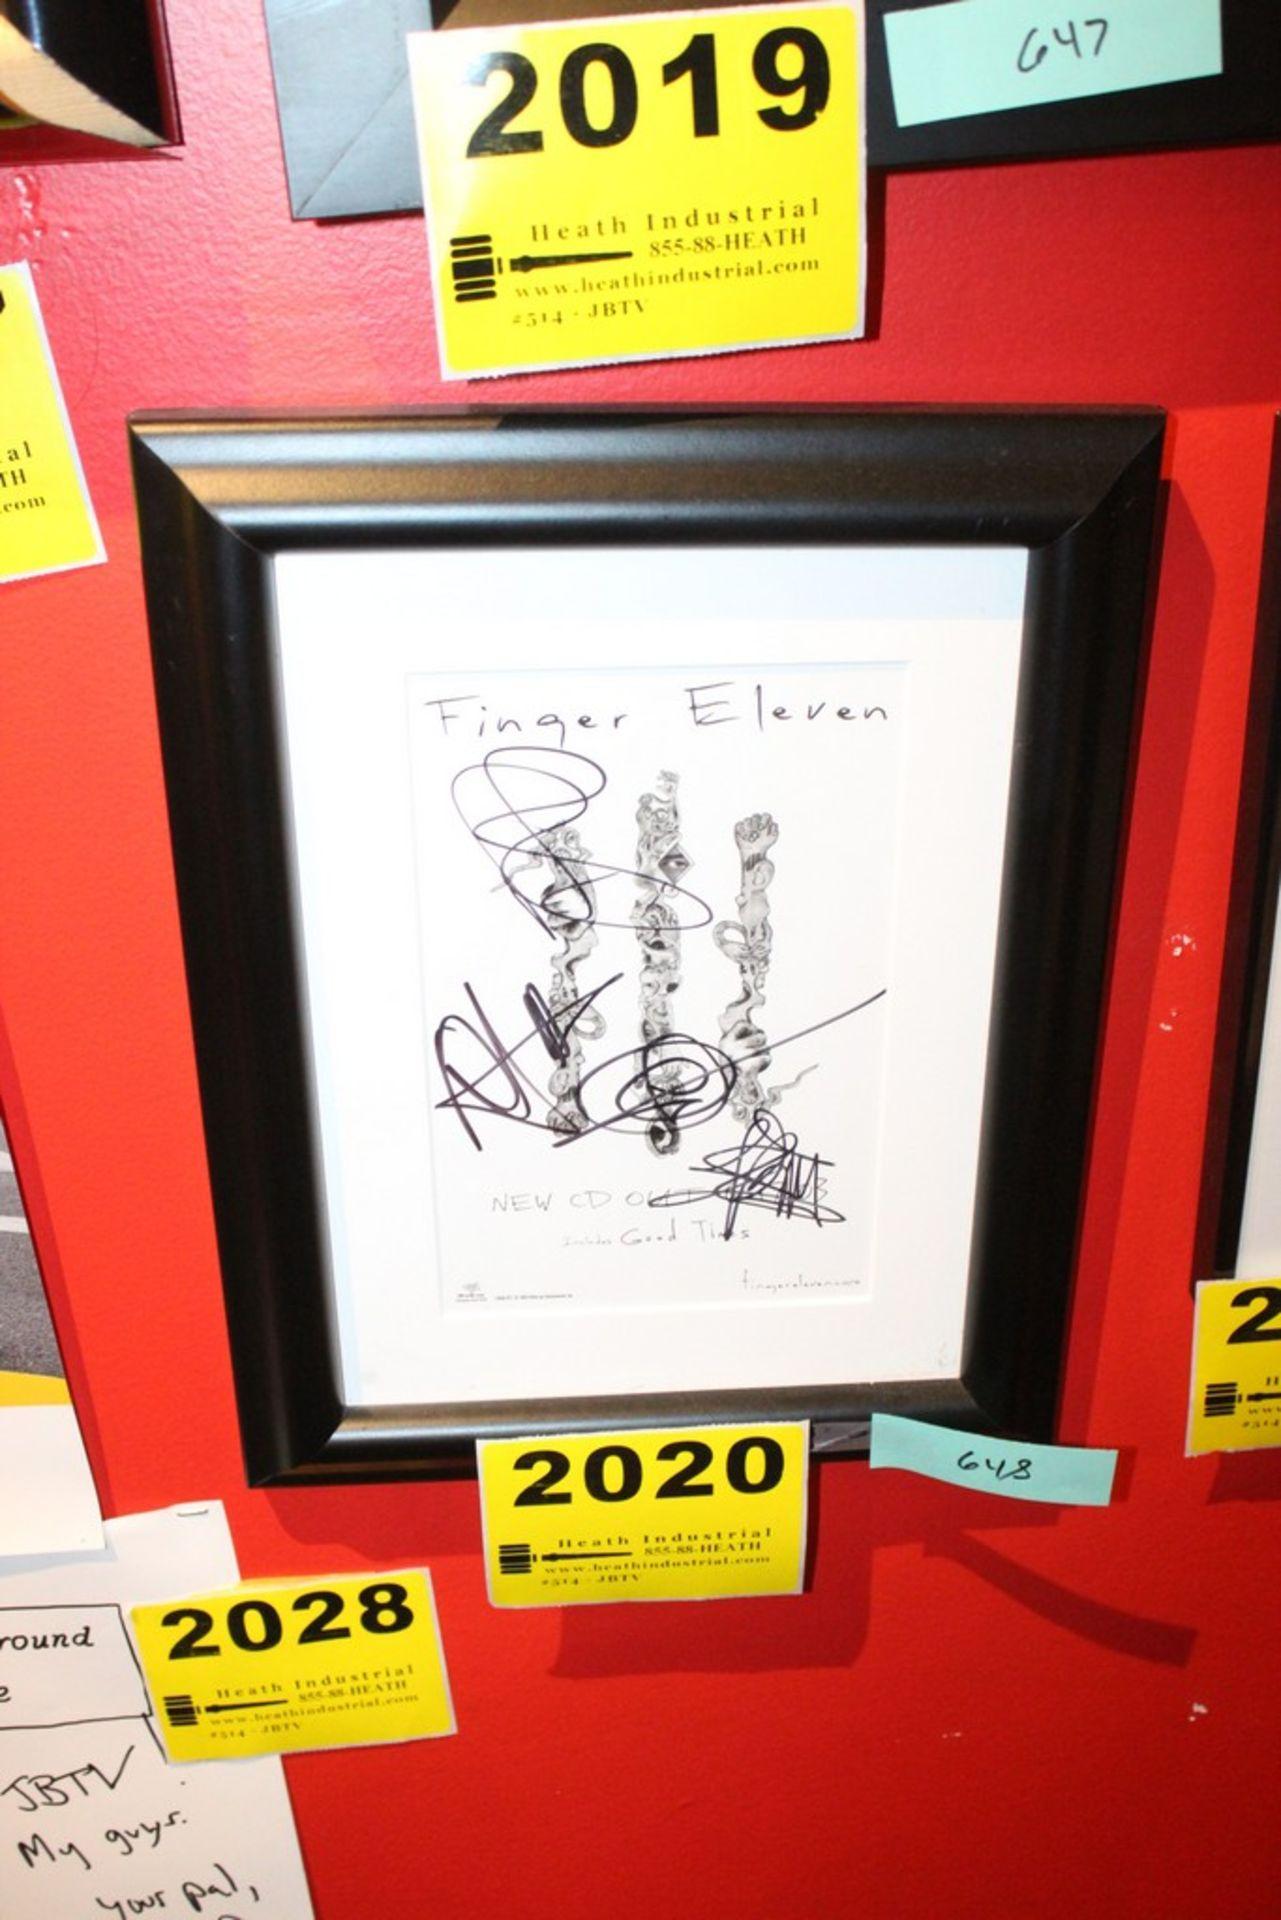 Lot 2020 - Finger Eleven Signed Framed Small Poster